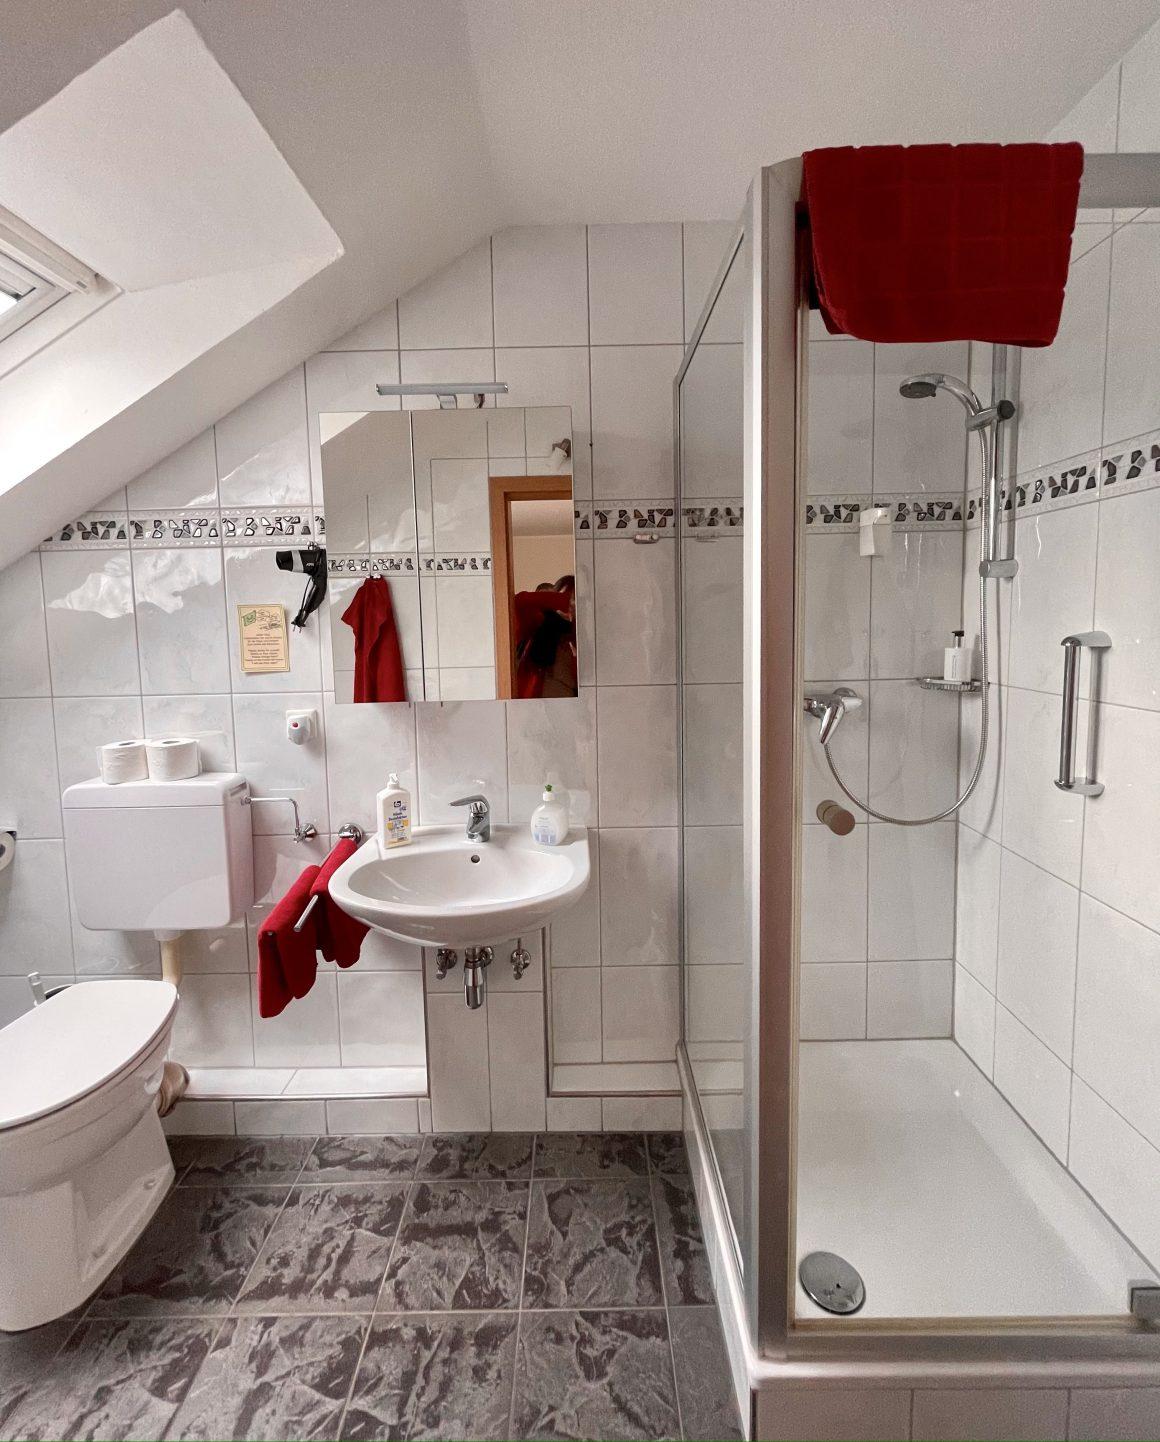 Badzimmer mit Dusch und WC